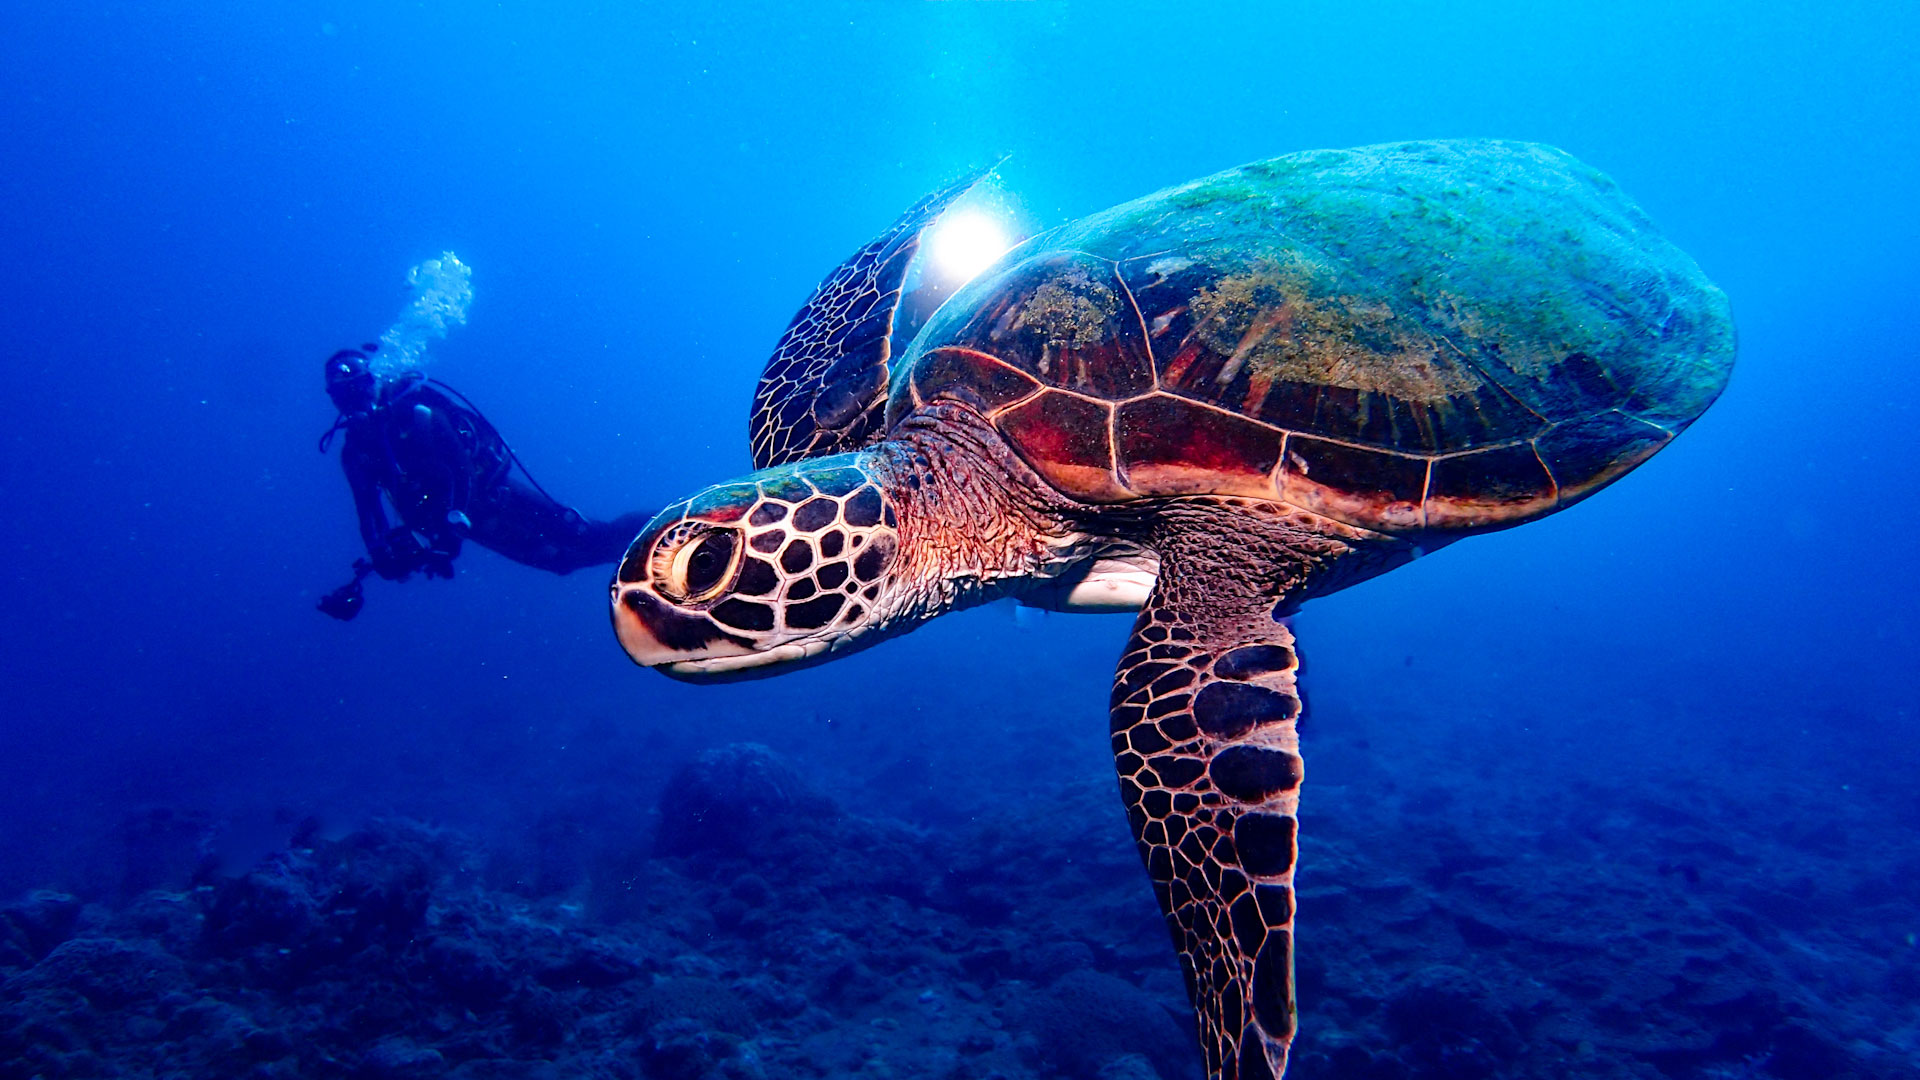 ダイビング水中写真:ウミガメ